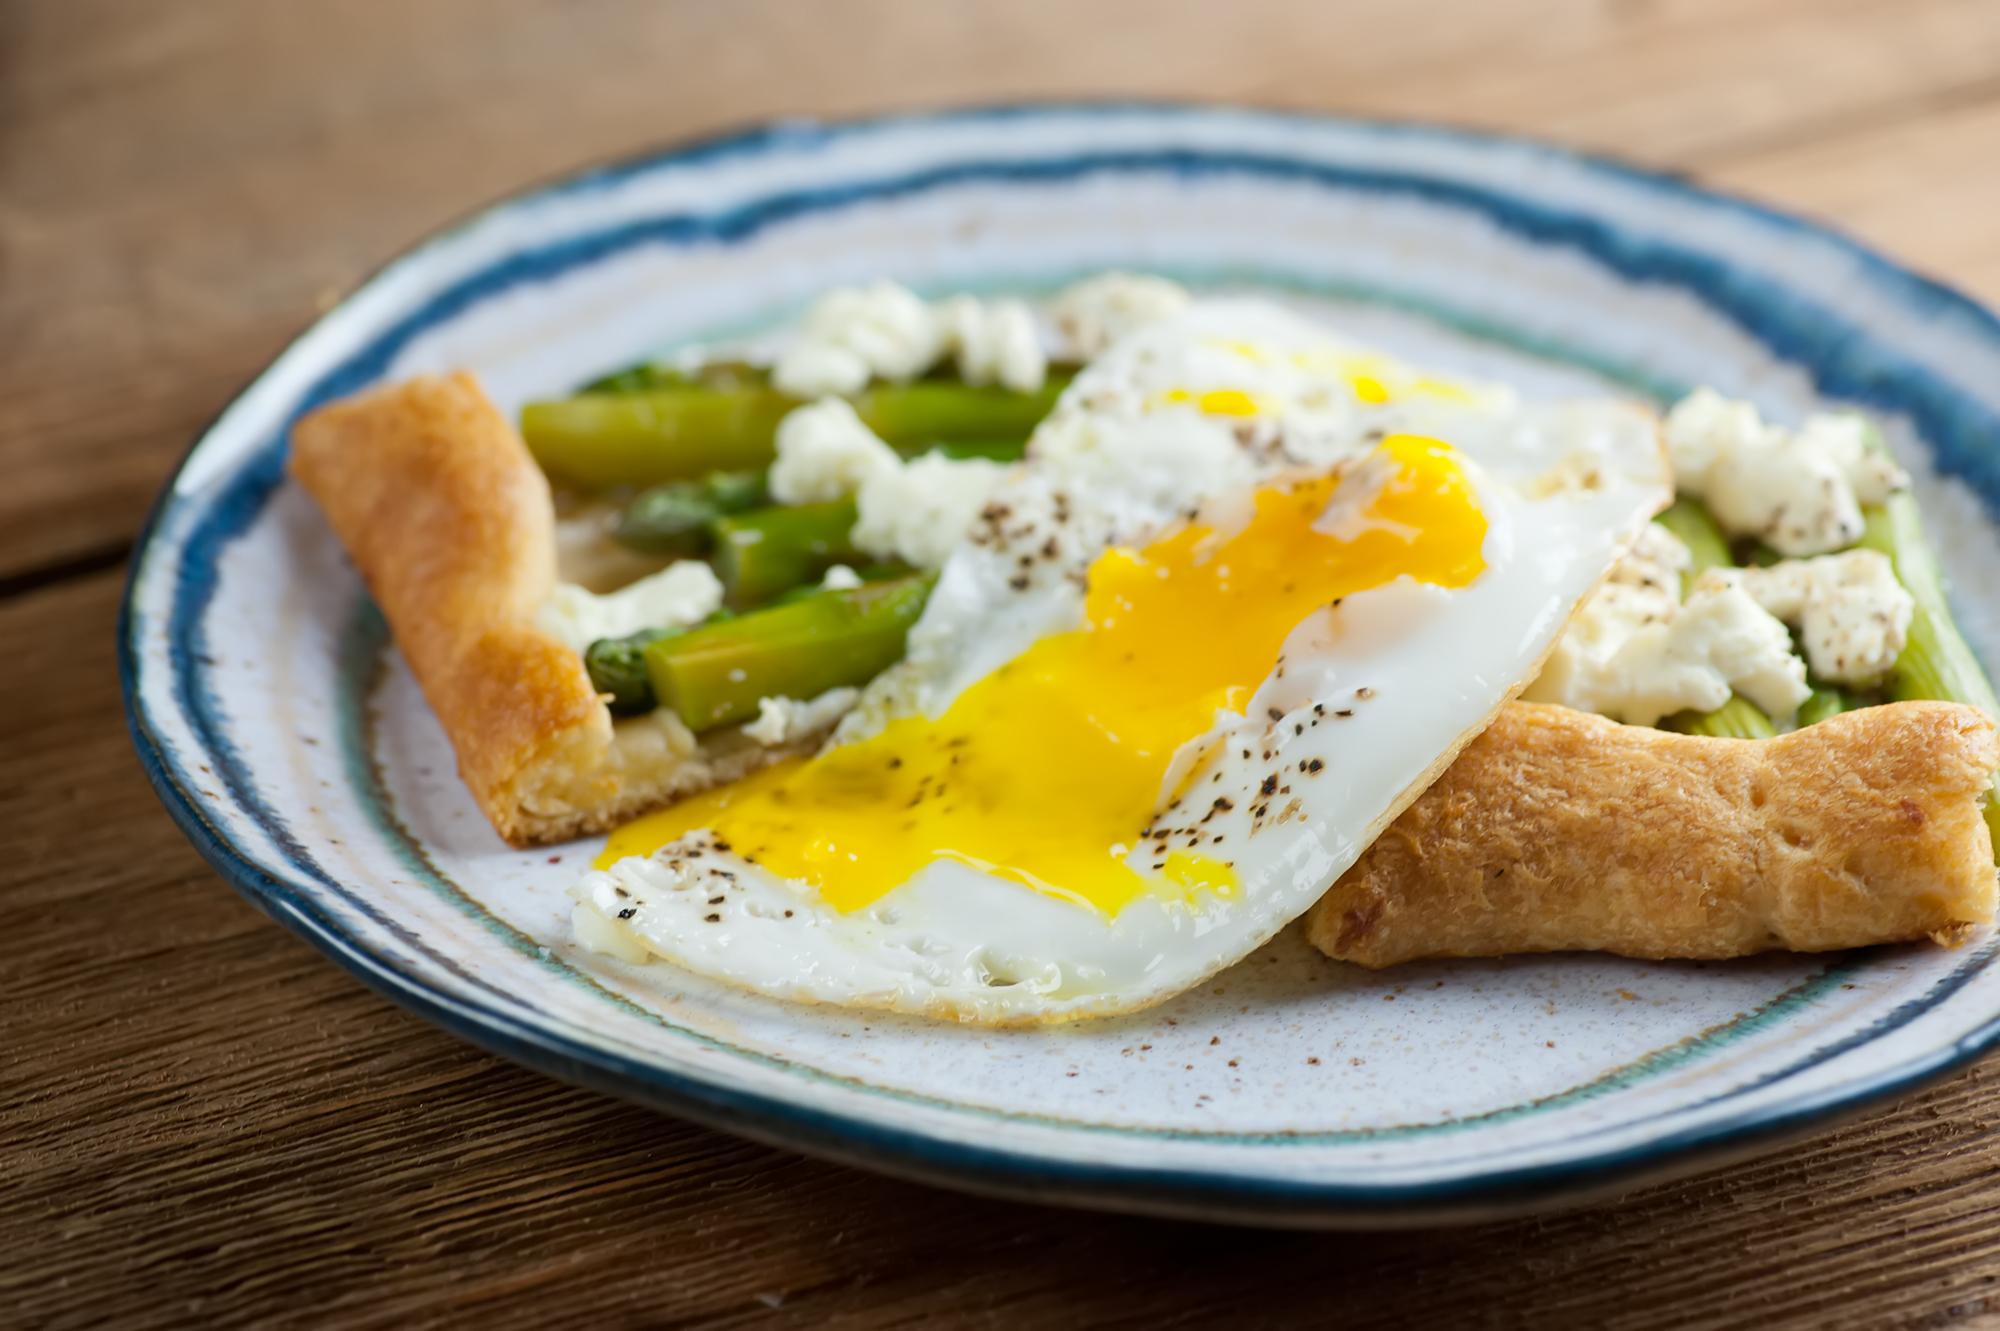 asparagus tart with fried egg